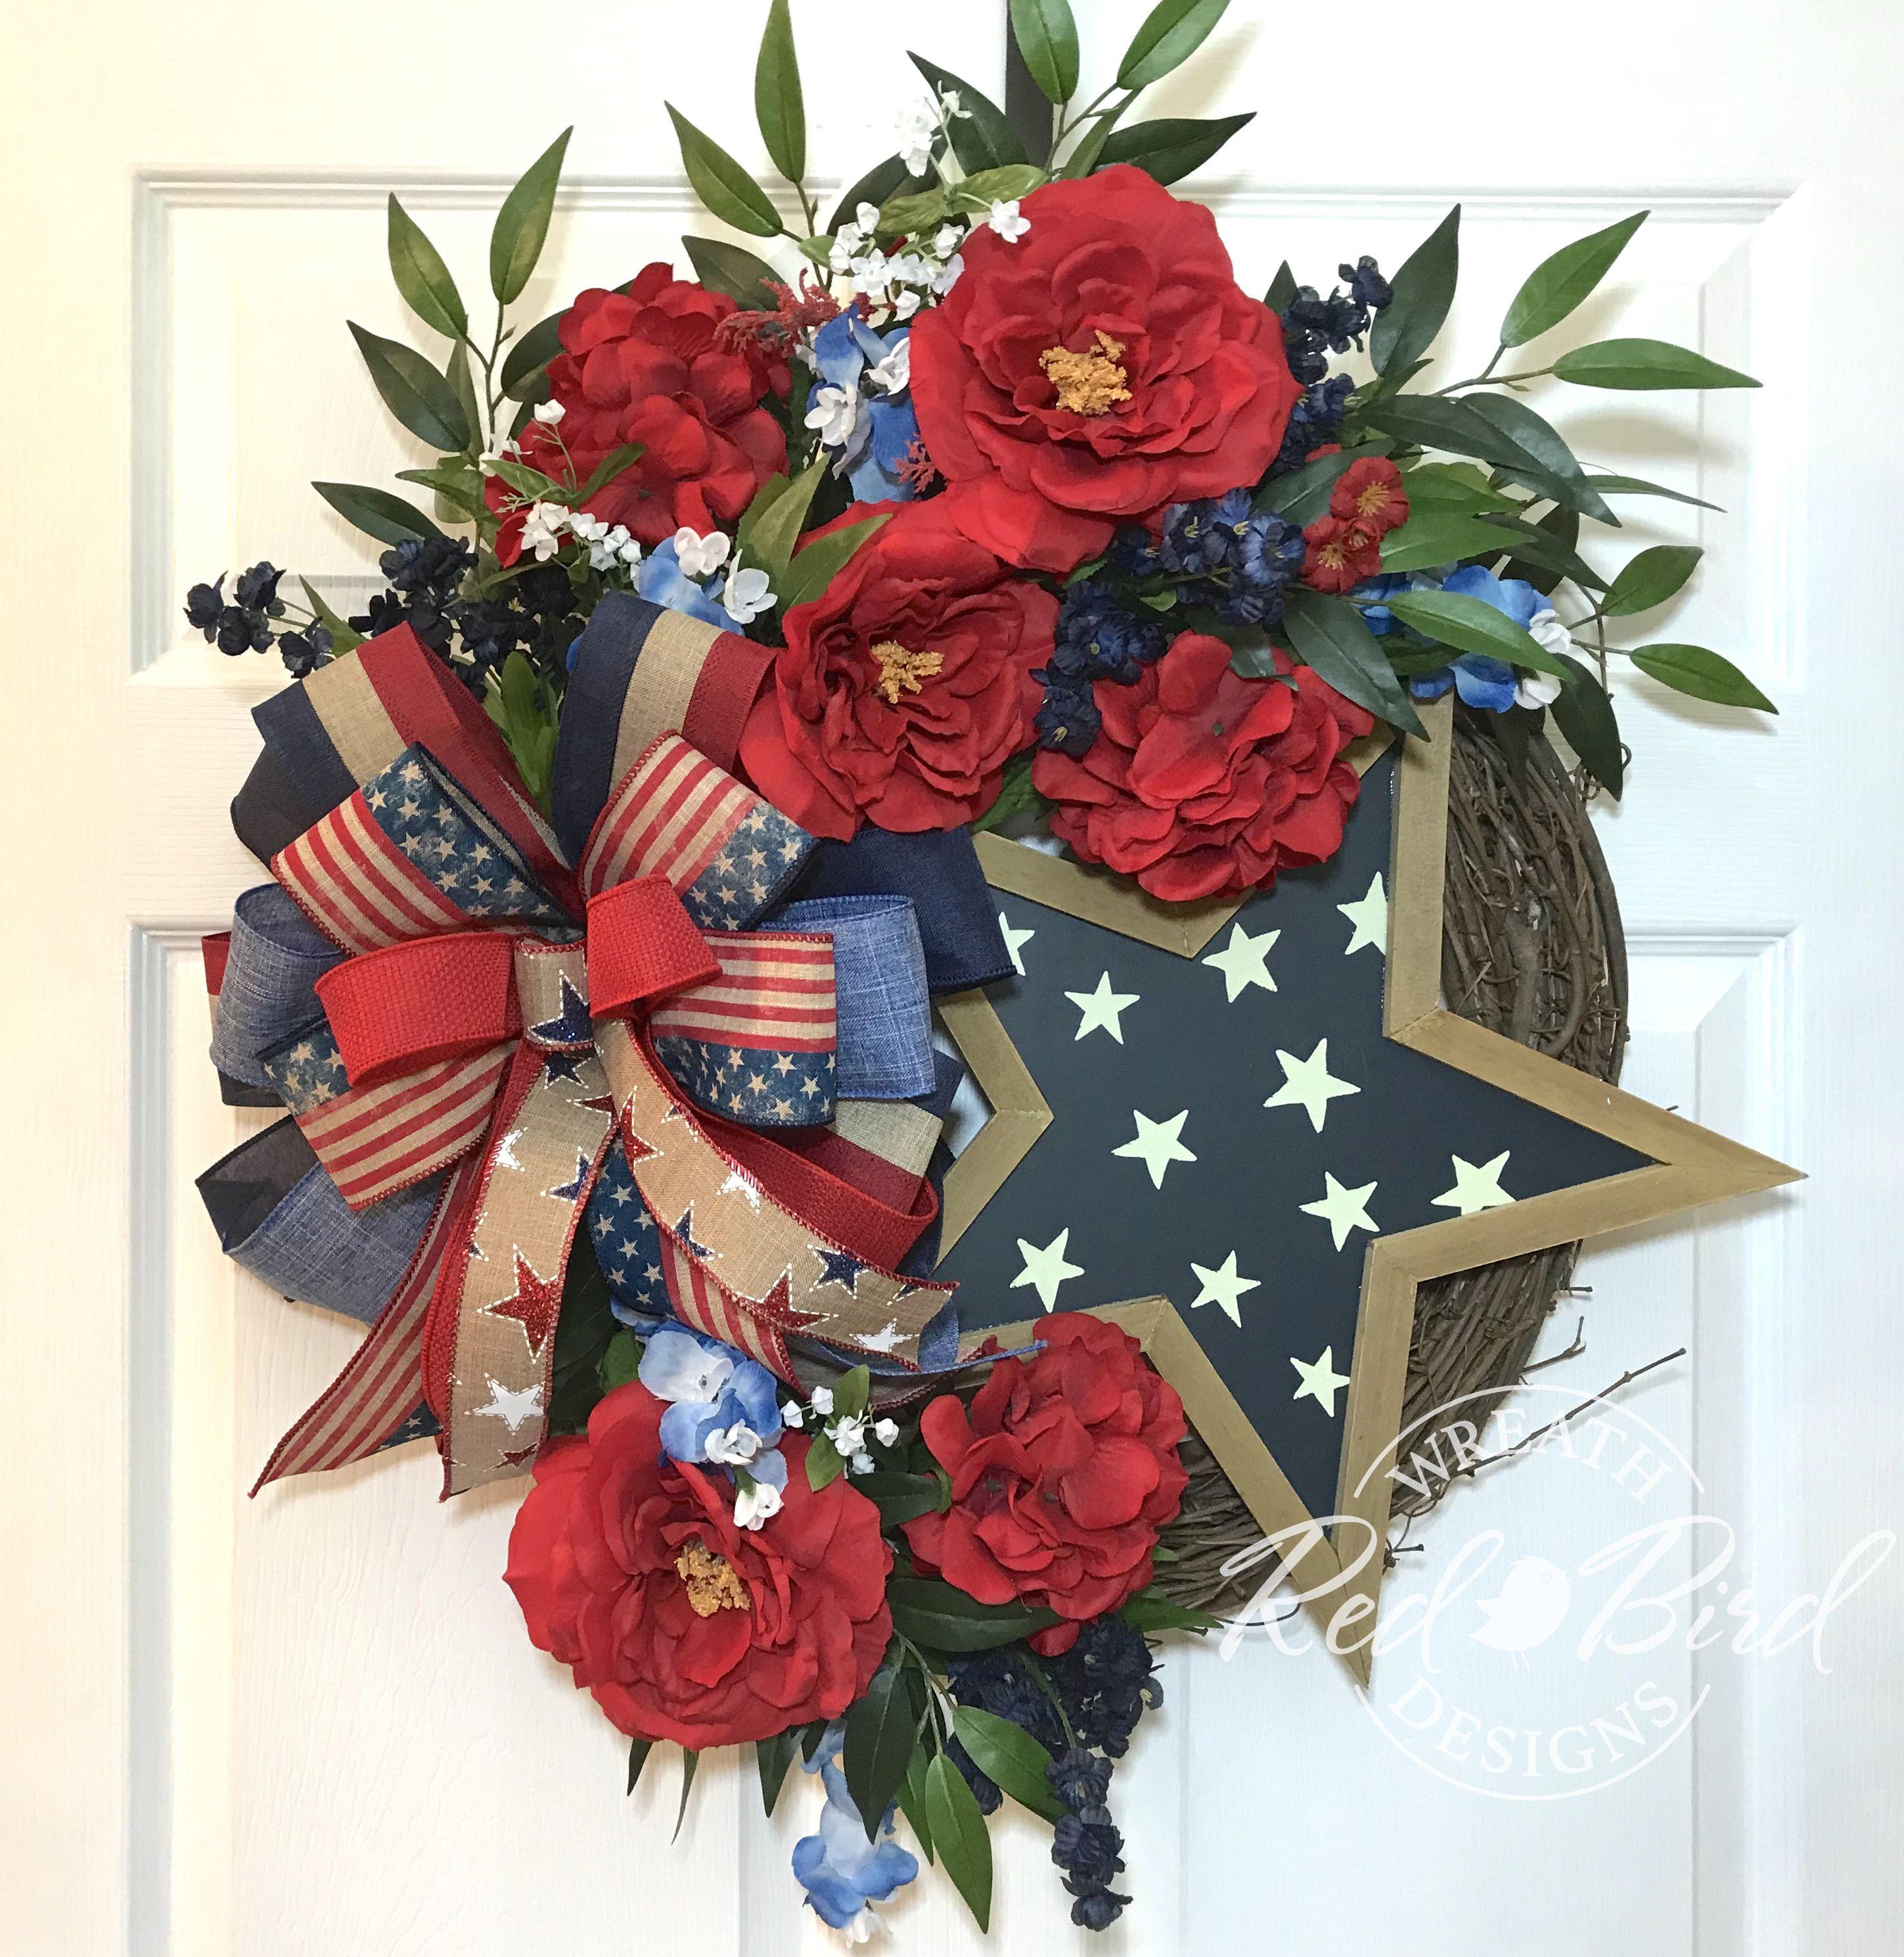 grapevine wreath front door wreath Summer wreath 4th of July wreath door wreath red white and blue wreath wreath for door